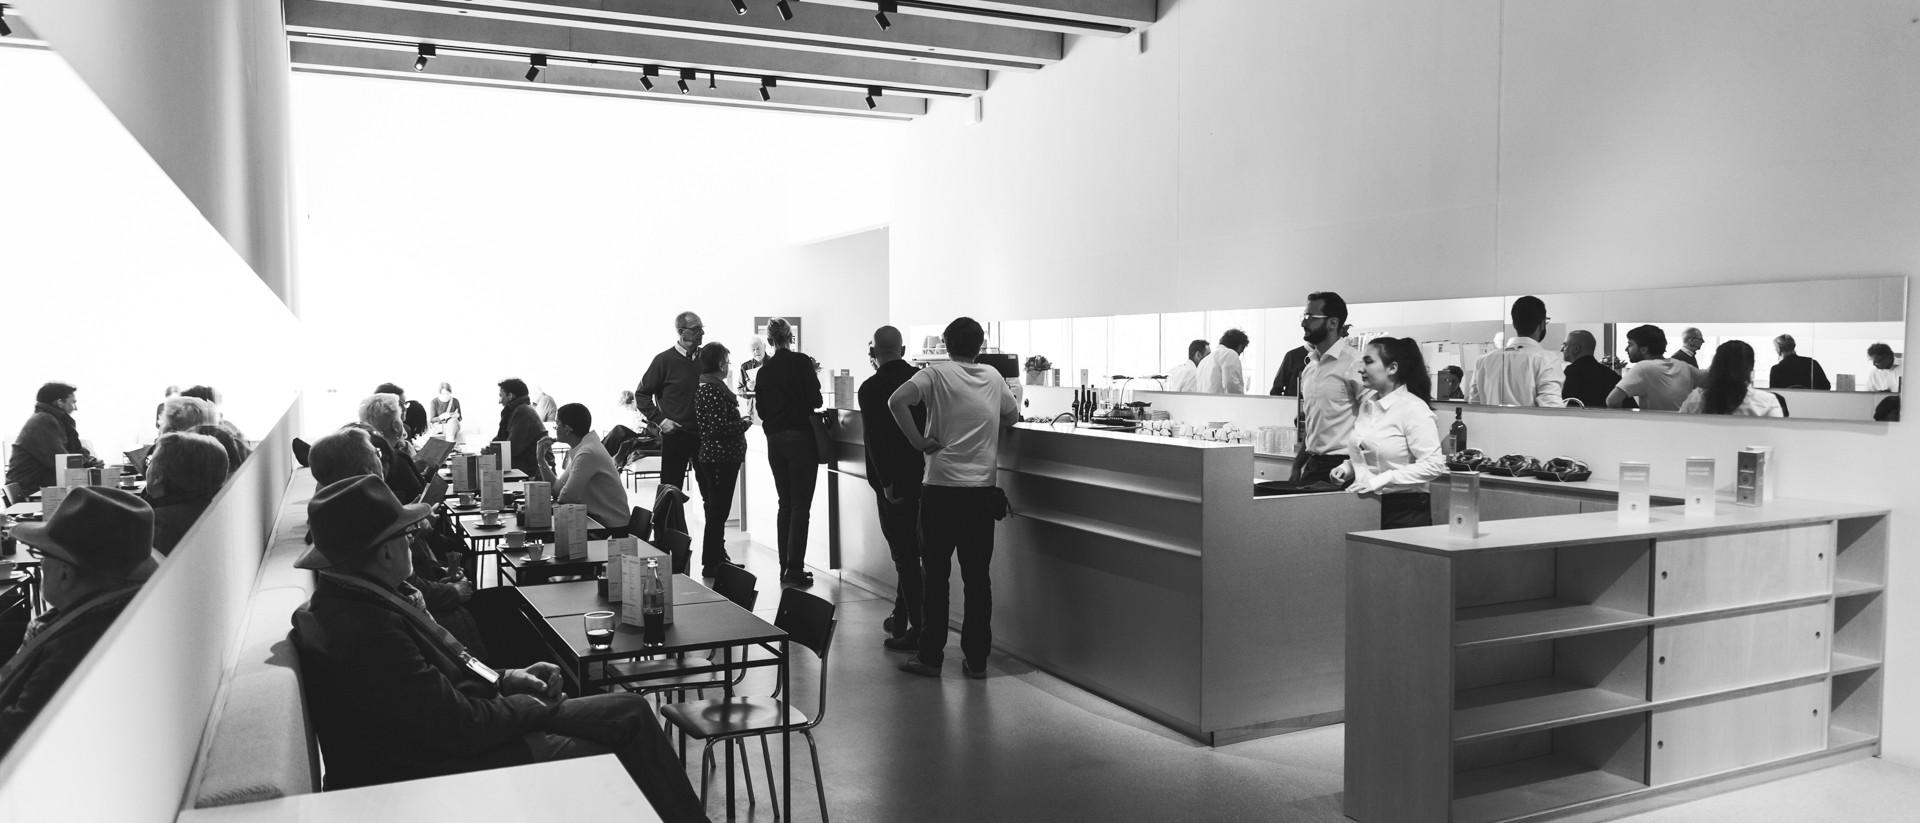 Foto: © Leander Brandstädt - Cafe Kunstpause Bauhaus Museum Weimar